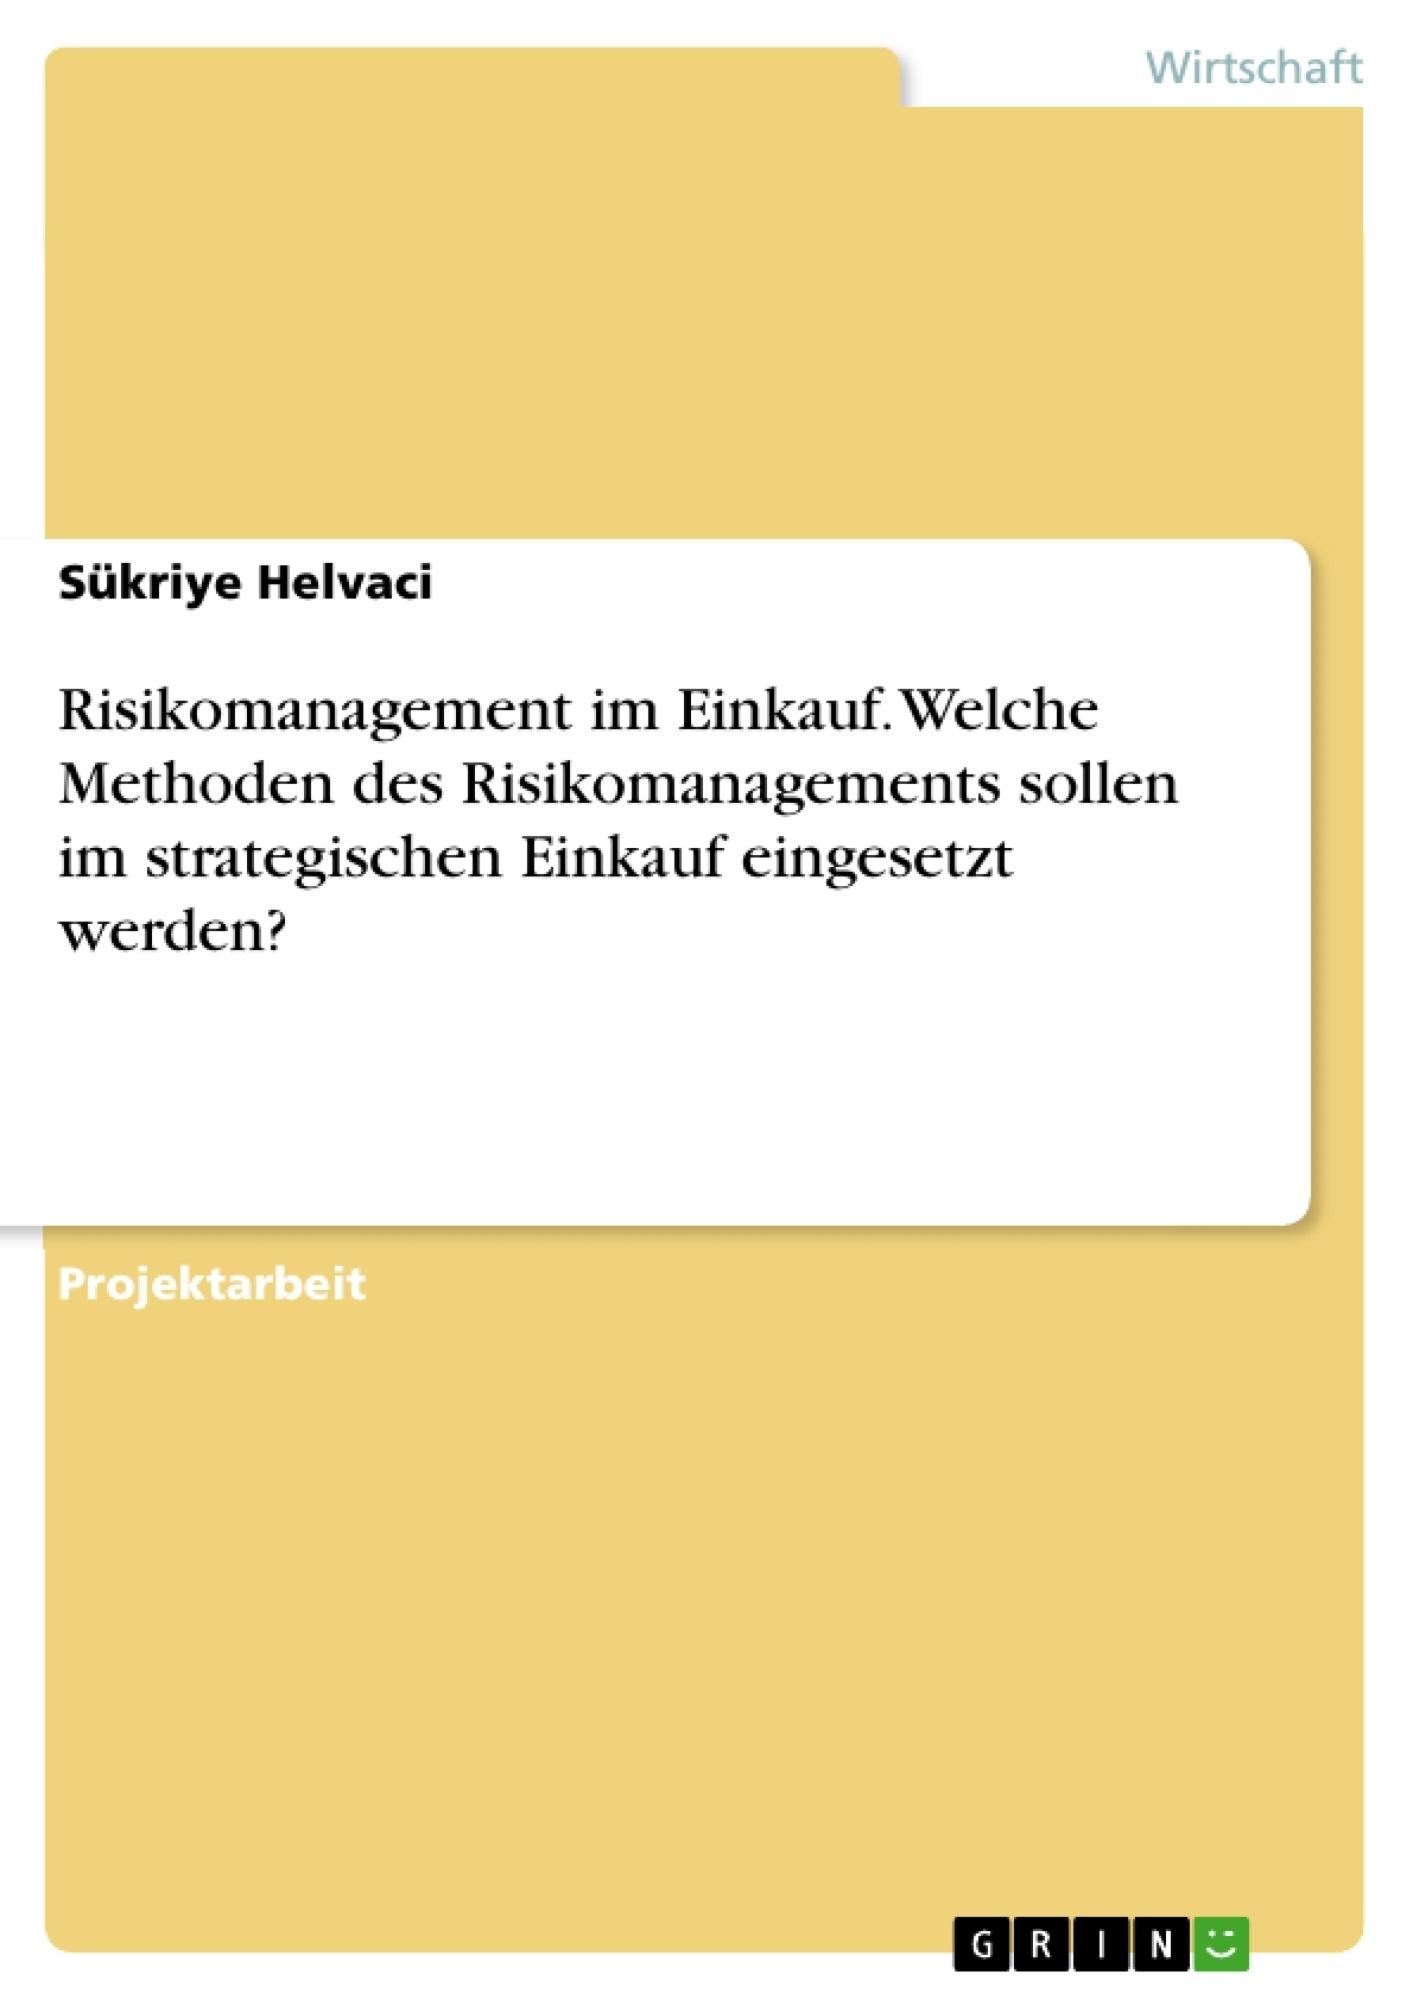 Titel: Risikomanagement im Einkauf. Welche Methoden des Risikomanagements sollen im strategischen Einkauf eingesetzt werden?